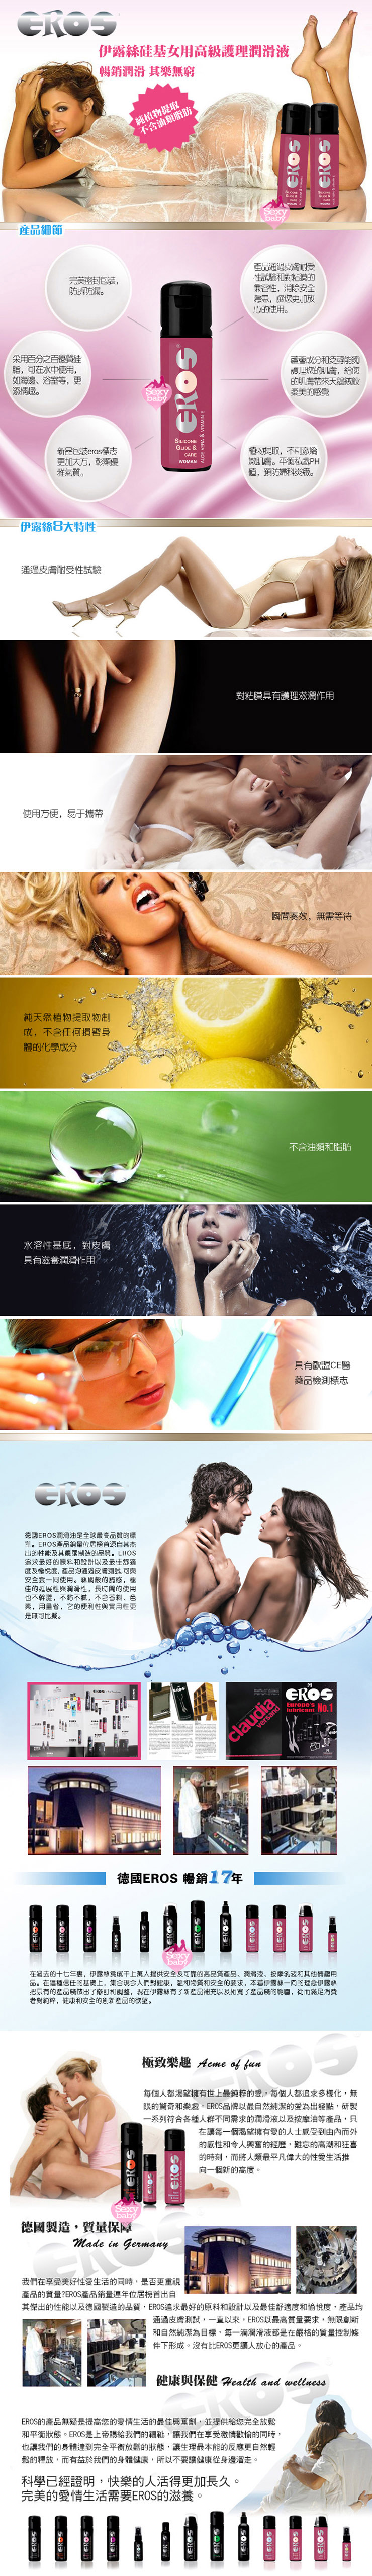 潤滑液-德國Eros-Silicone based女用矽性護理潤滑液30ml(長效持久型)